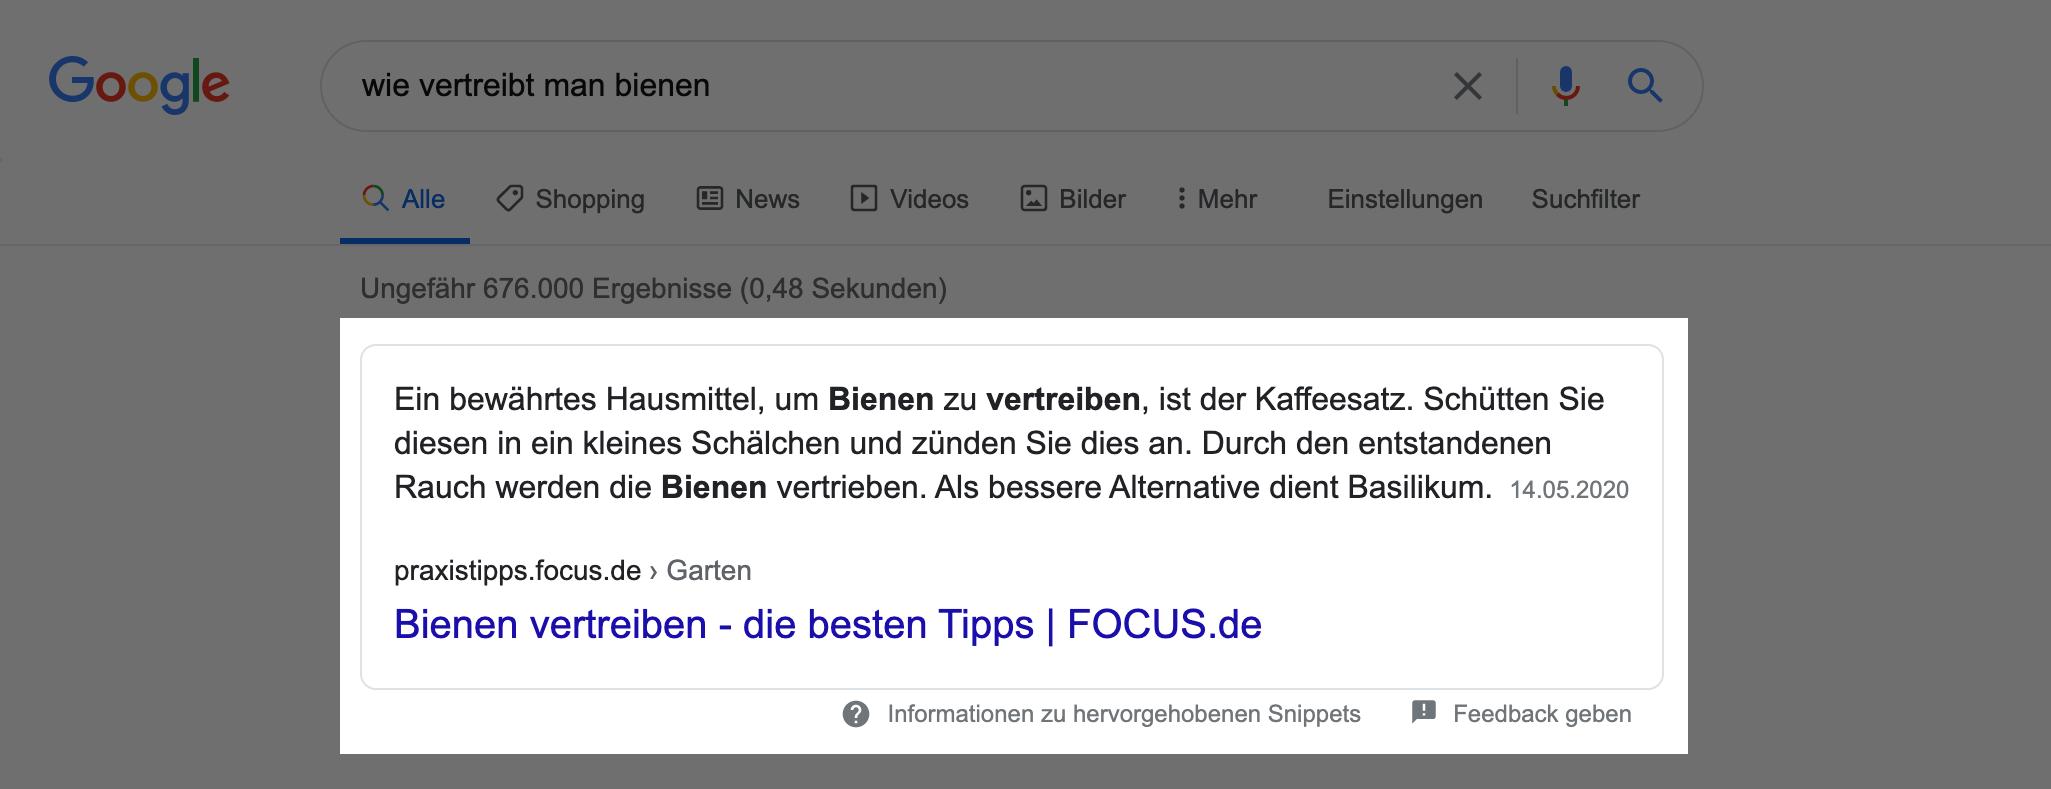 """Zeigt ein Beispiel-Featured Snippet in den Google Suchergebnissen für den Suchbegriff """"wie vertreibt man bienen"""" an."""